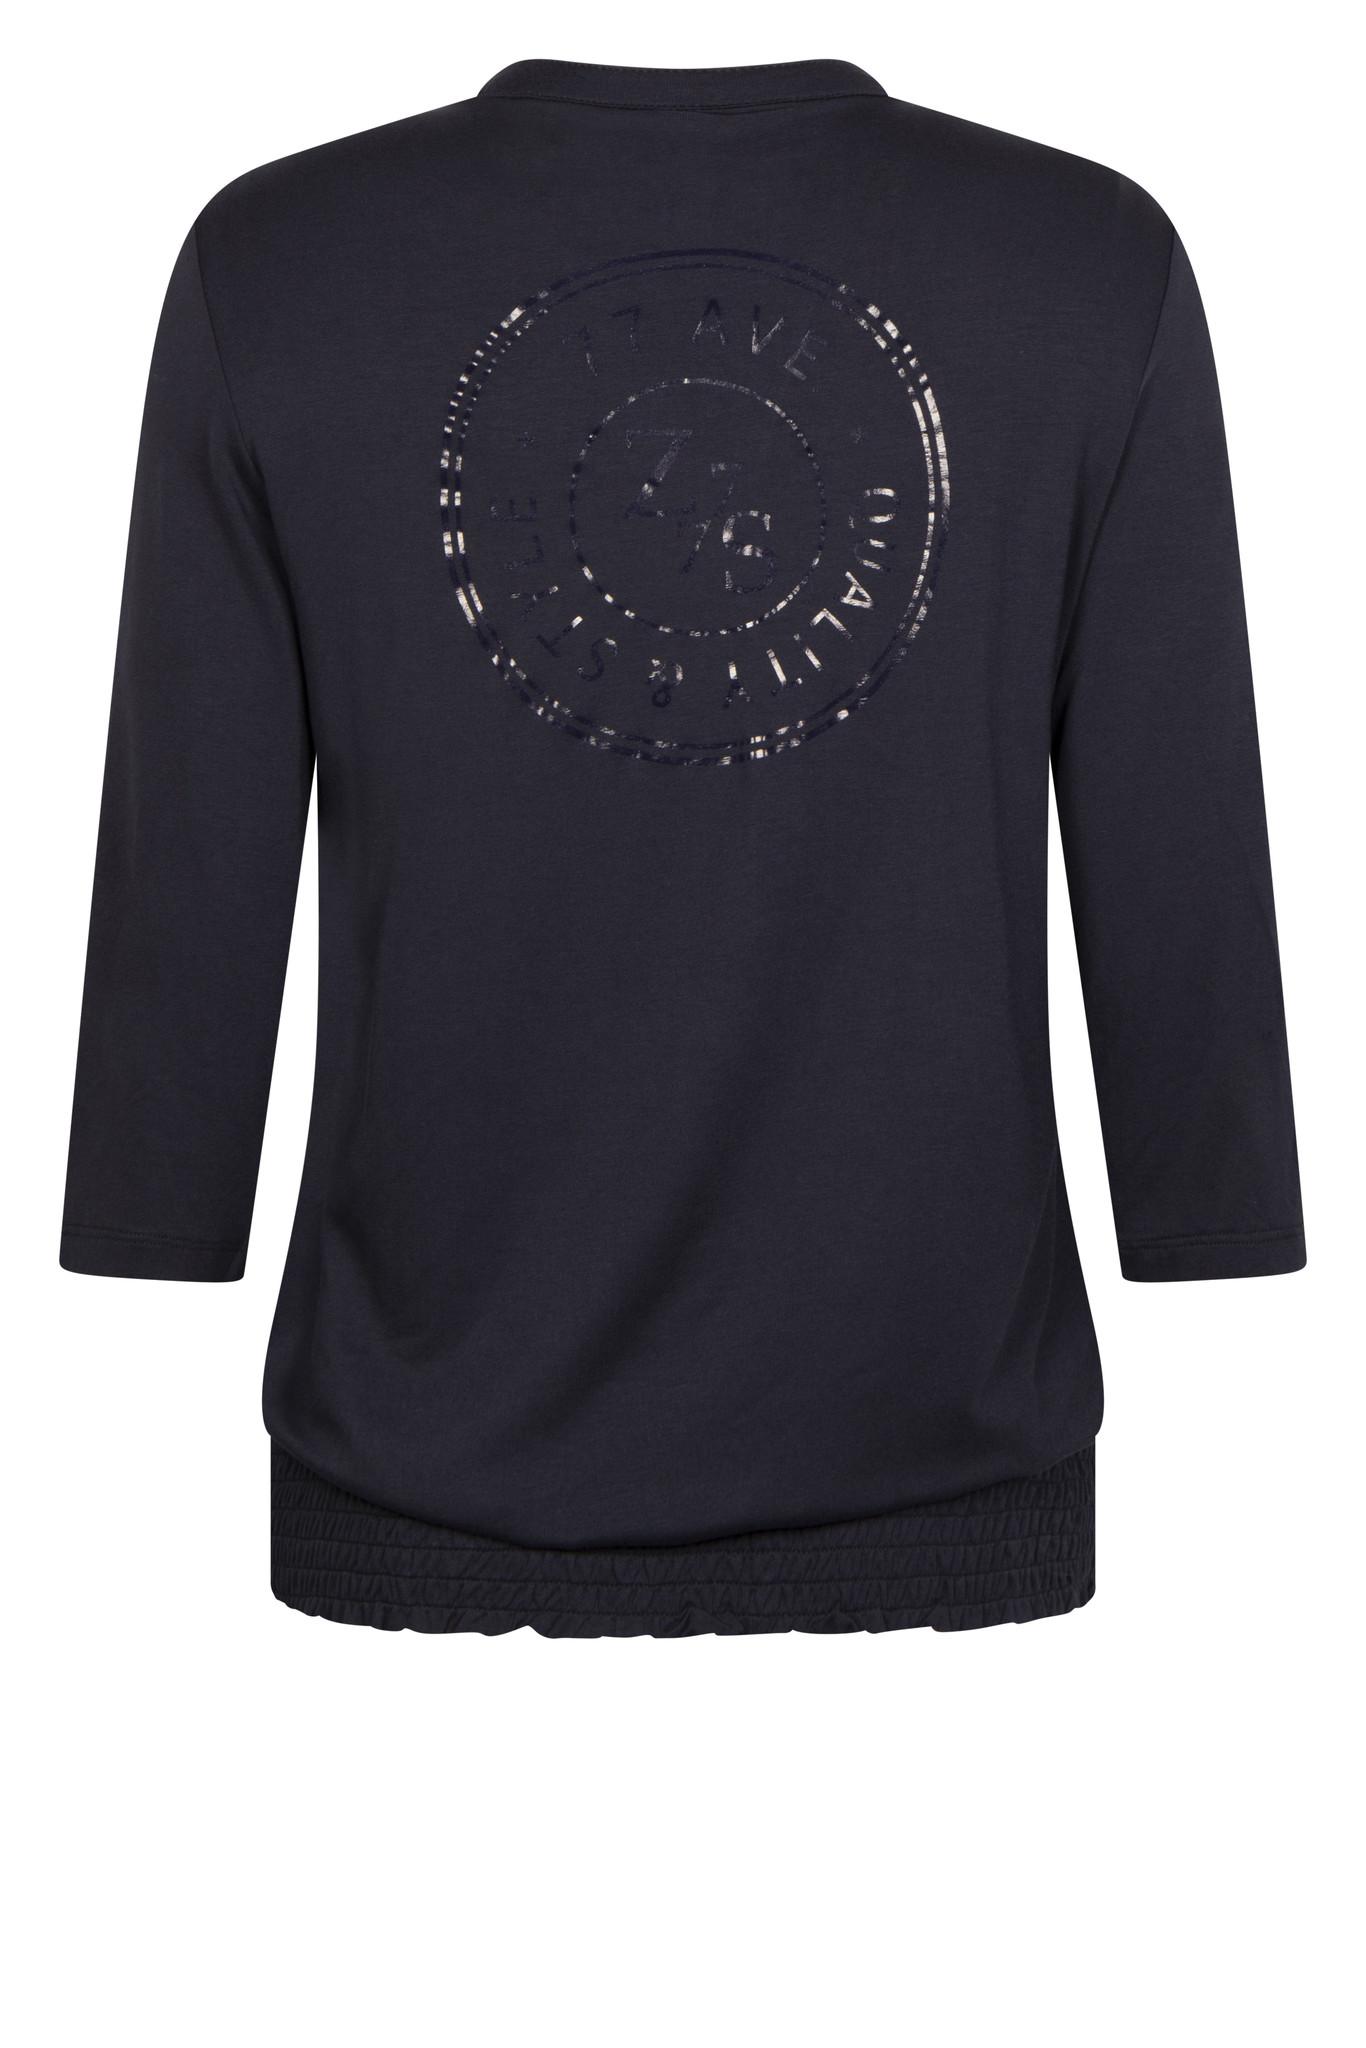 Zoso Zoso blouse Lexi with print navy